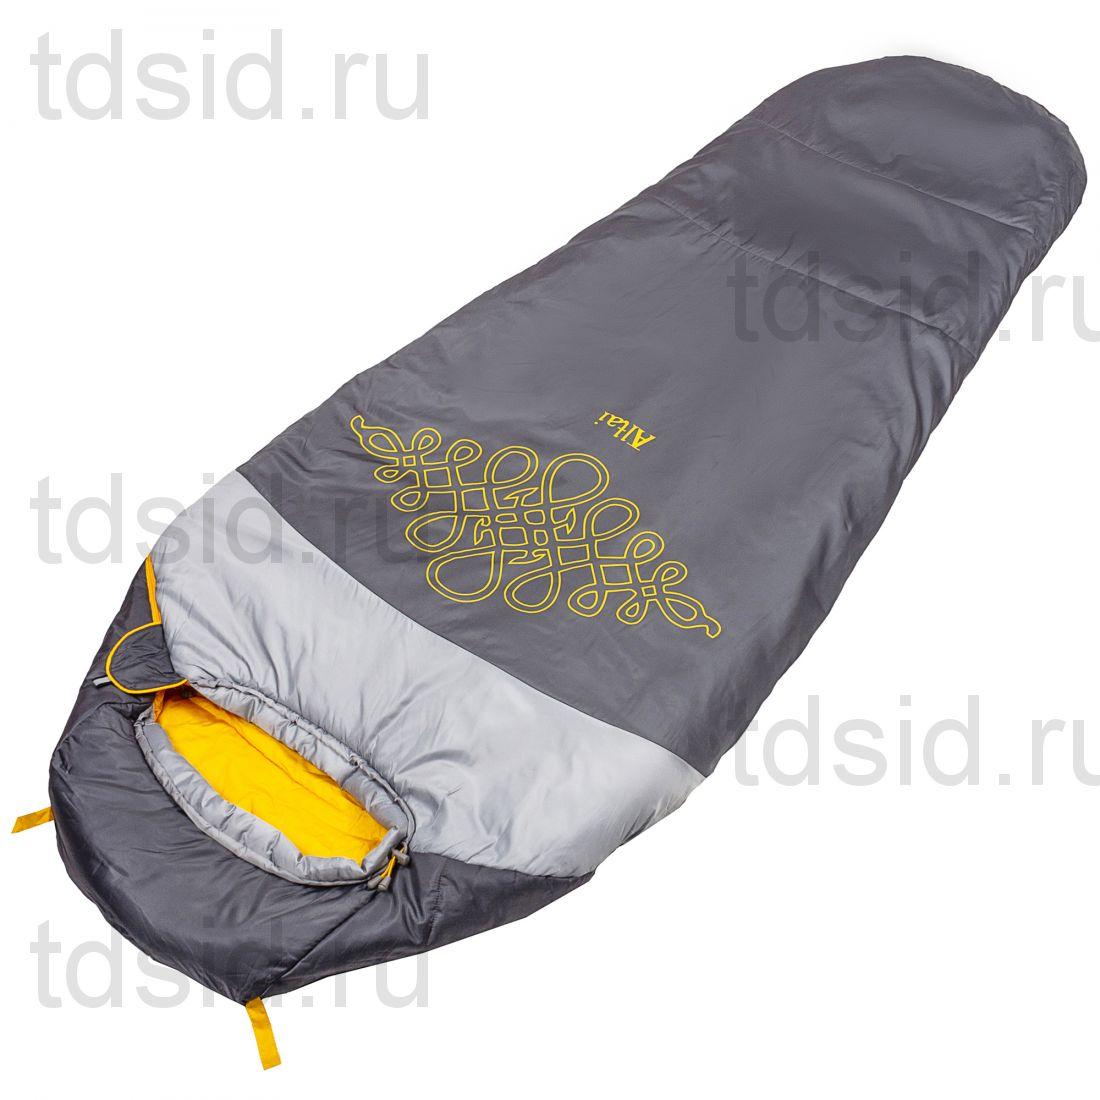 Алтай -10 L V3 Спальный мешок